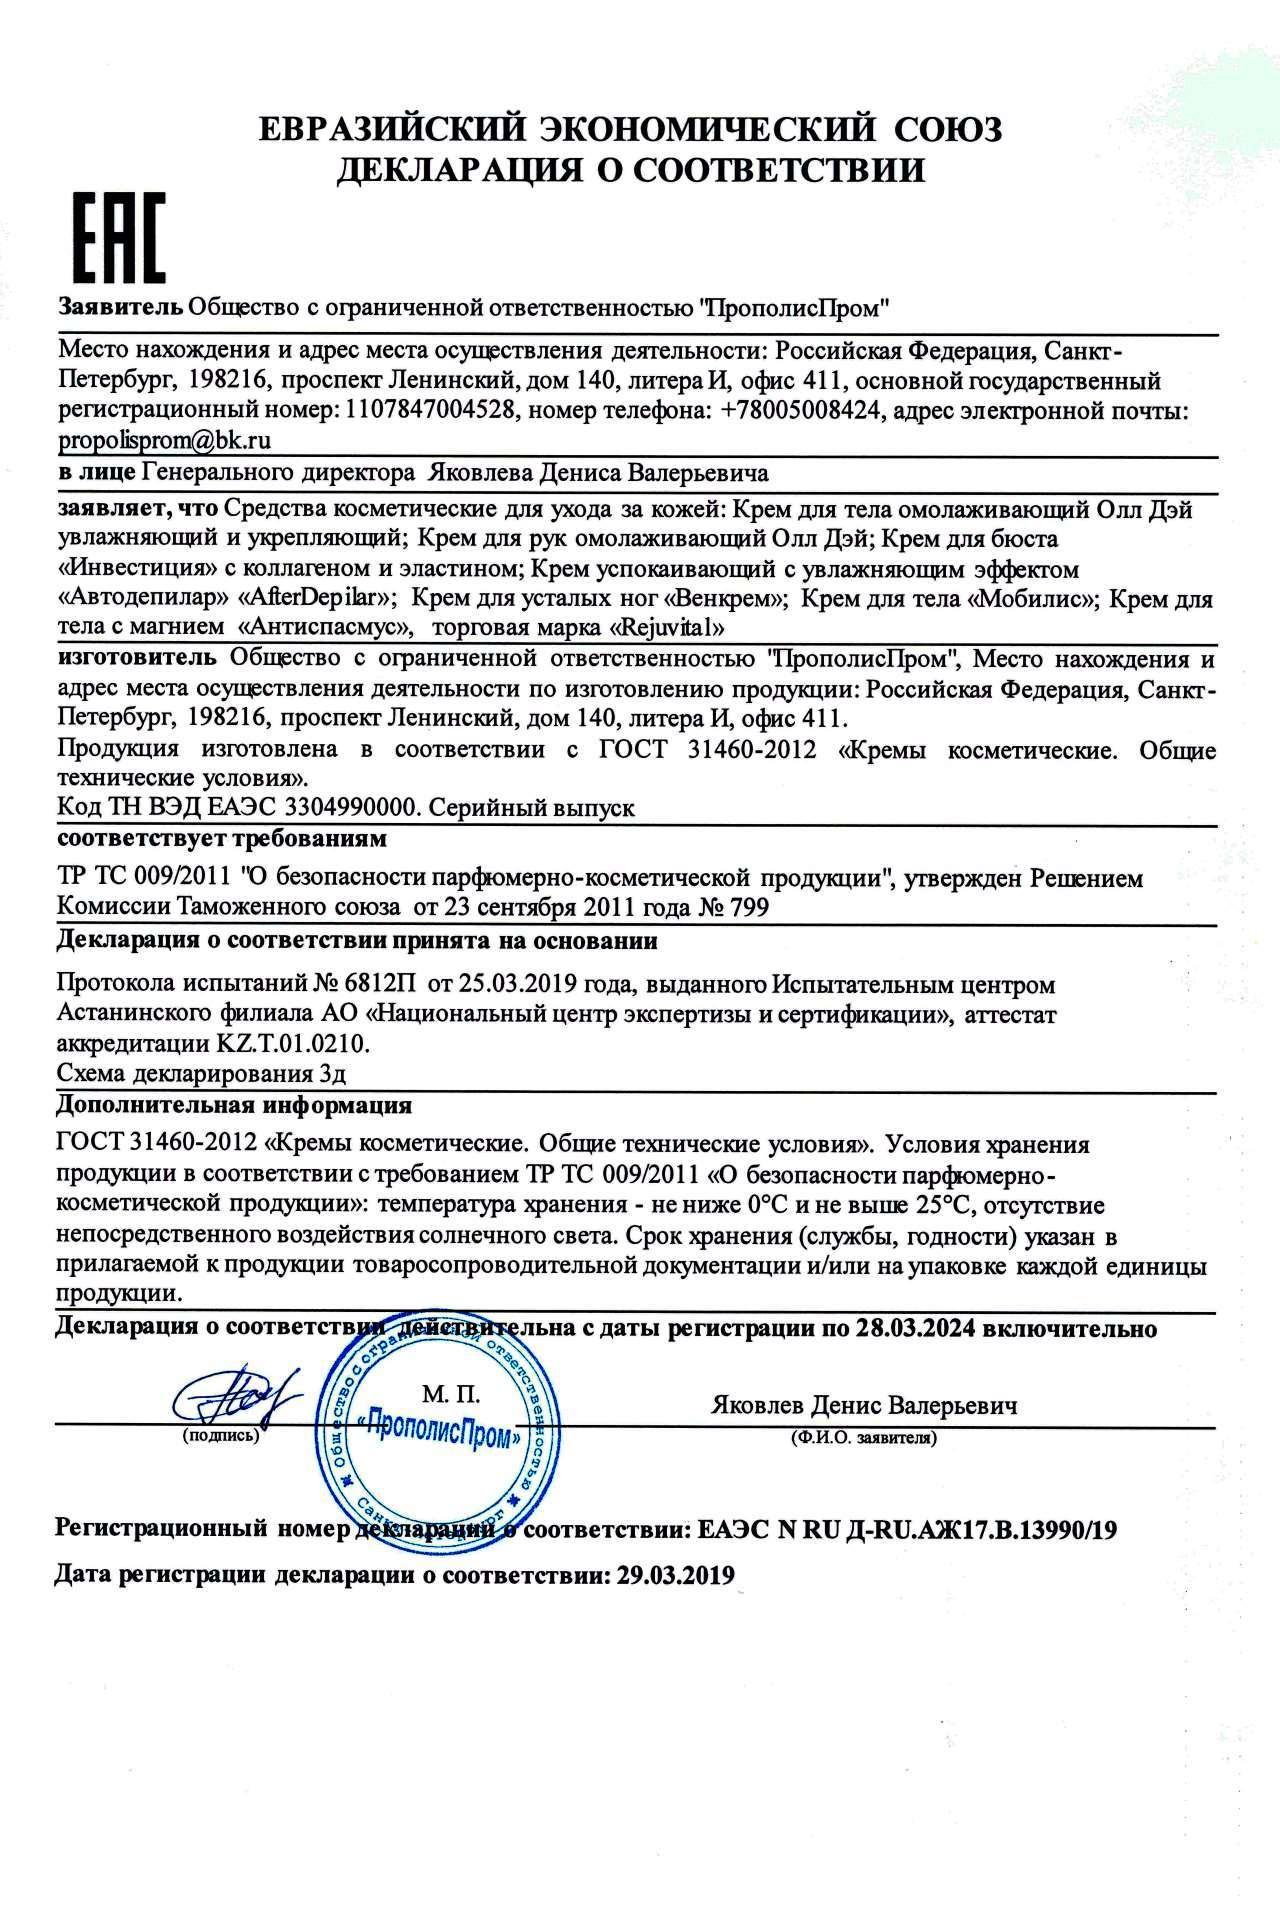 ИНВЕСТИЦИЯ крем - Декларация соответствия